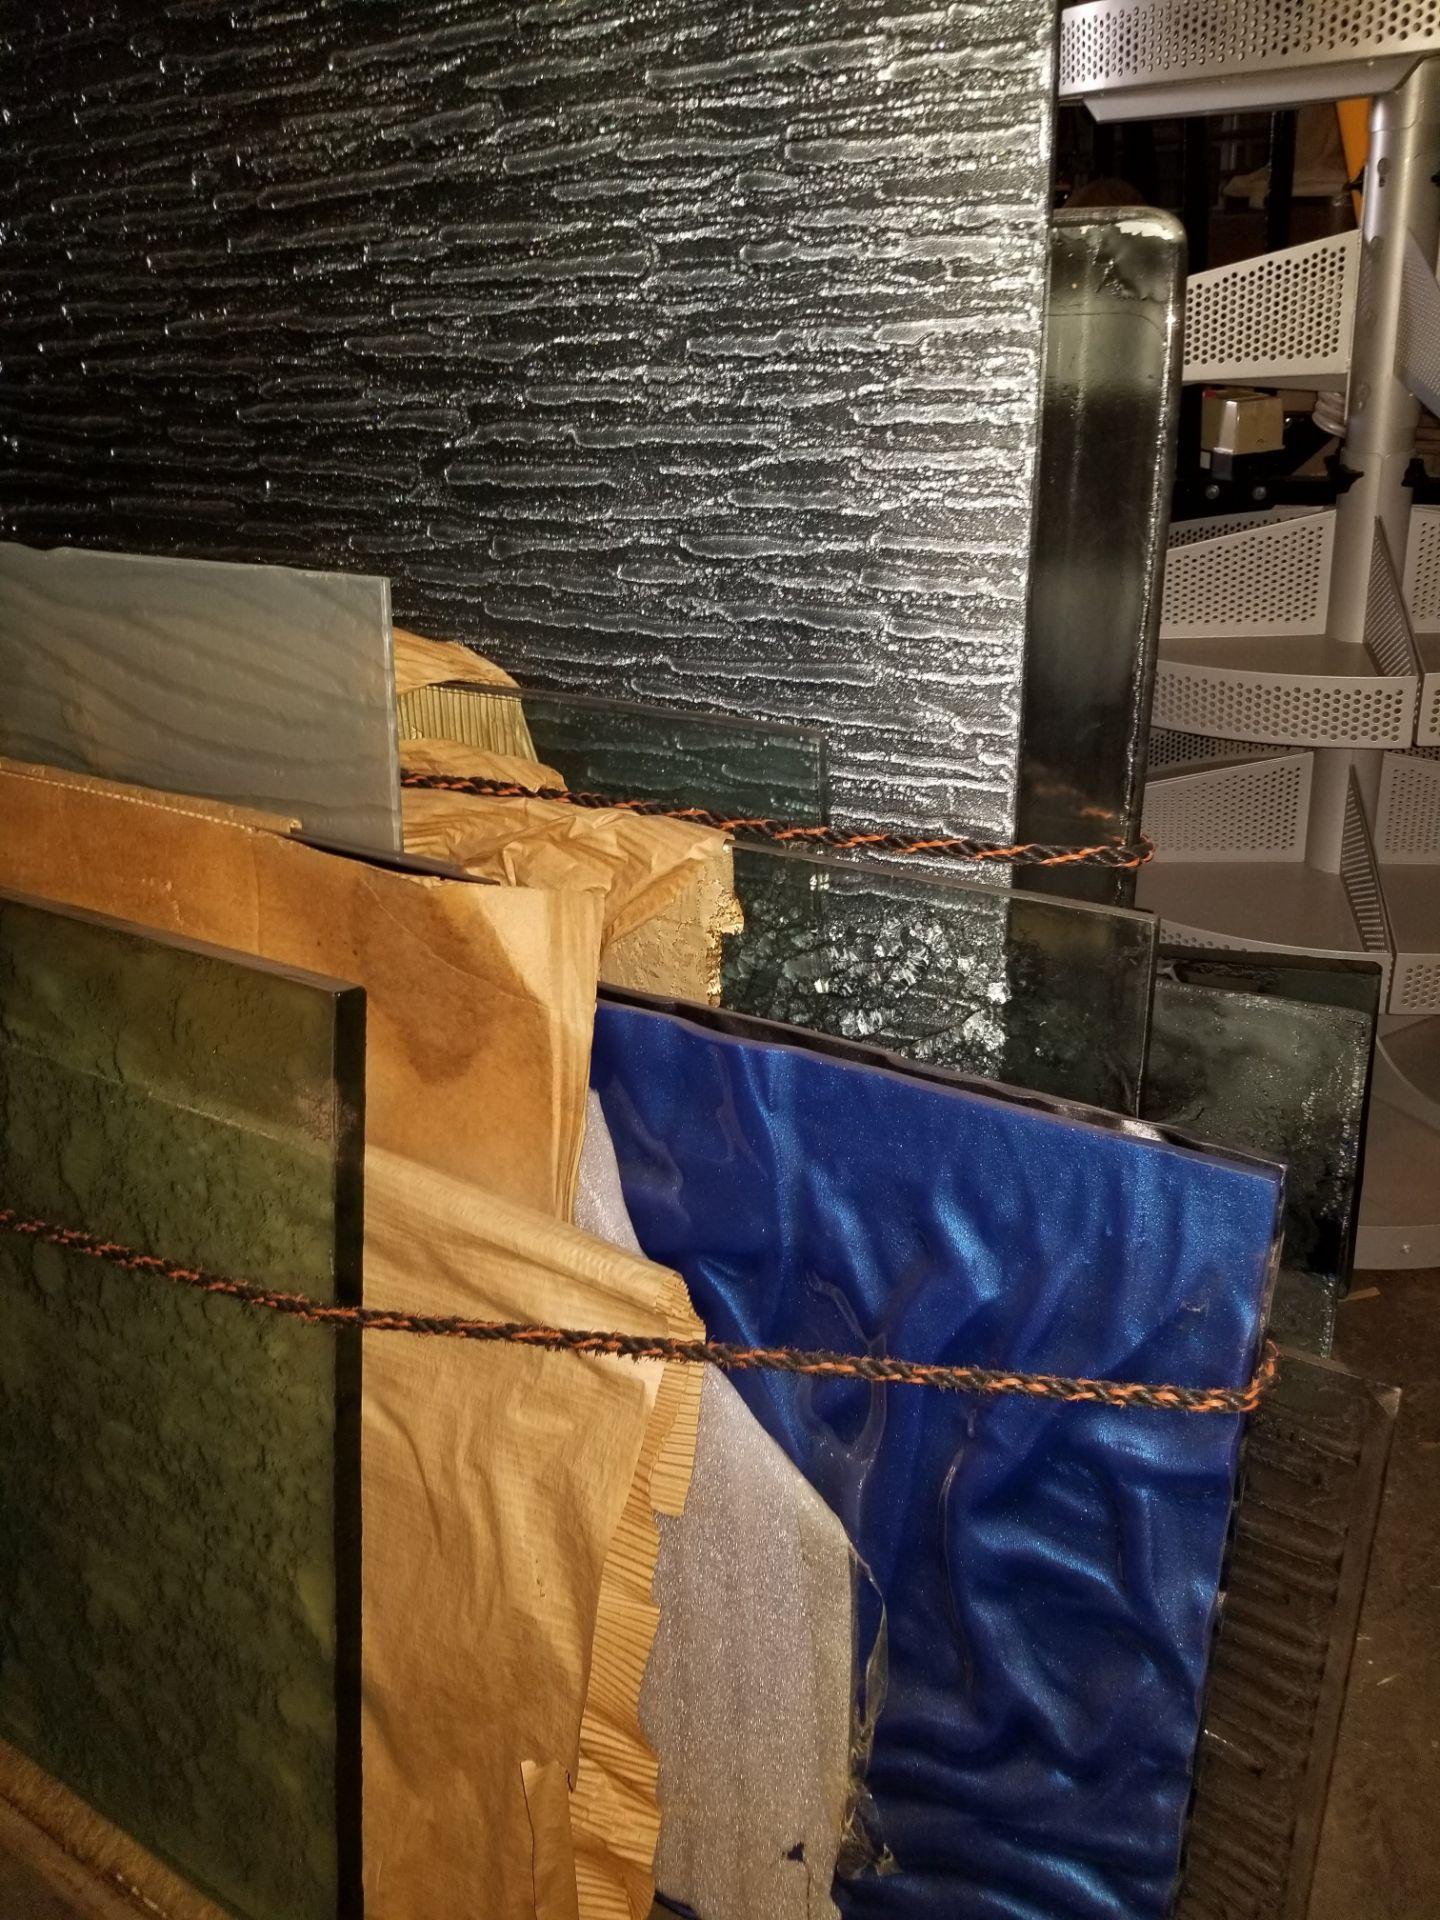 Lot 50 - Pallet of Fancy Glass